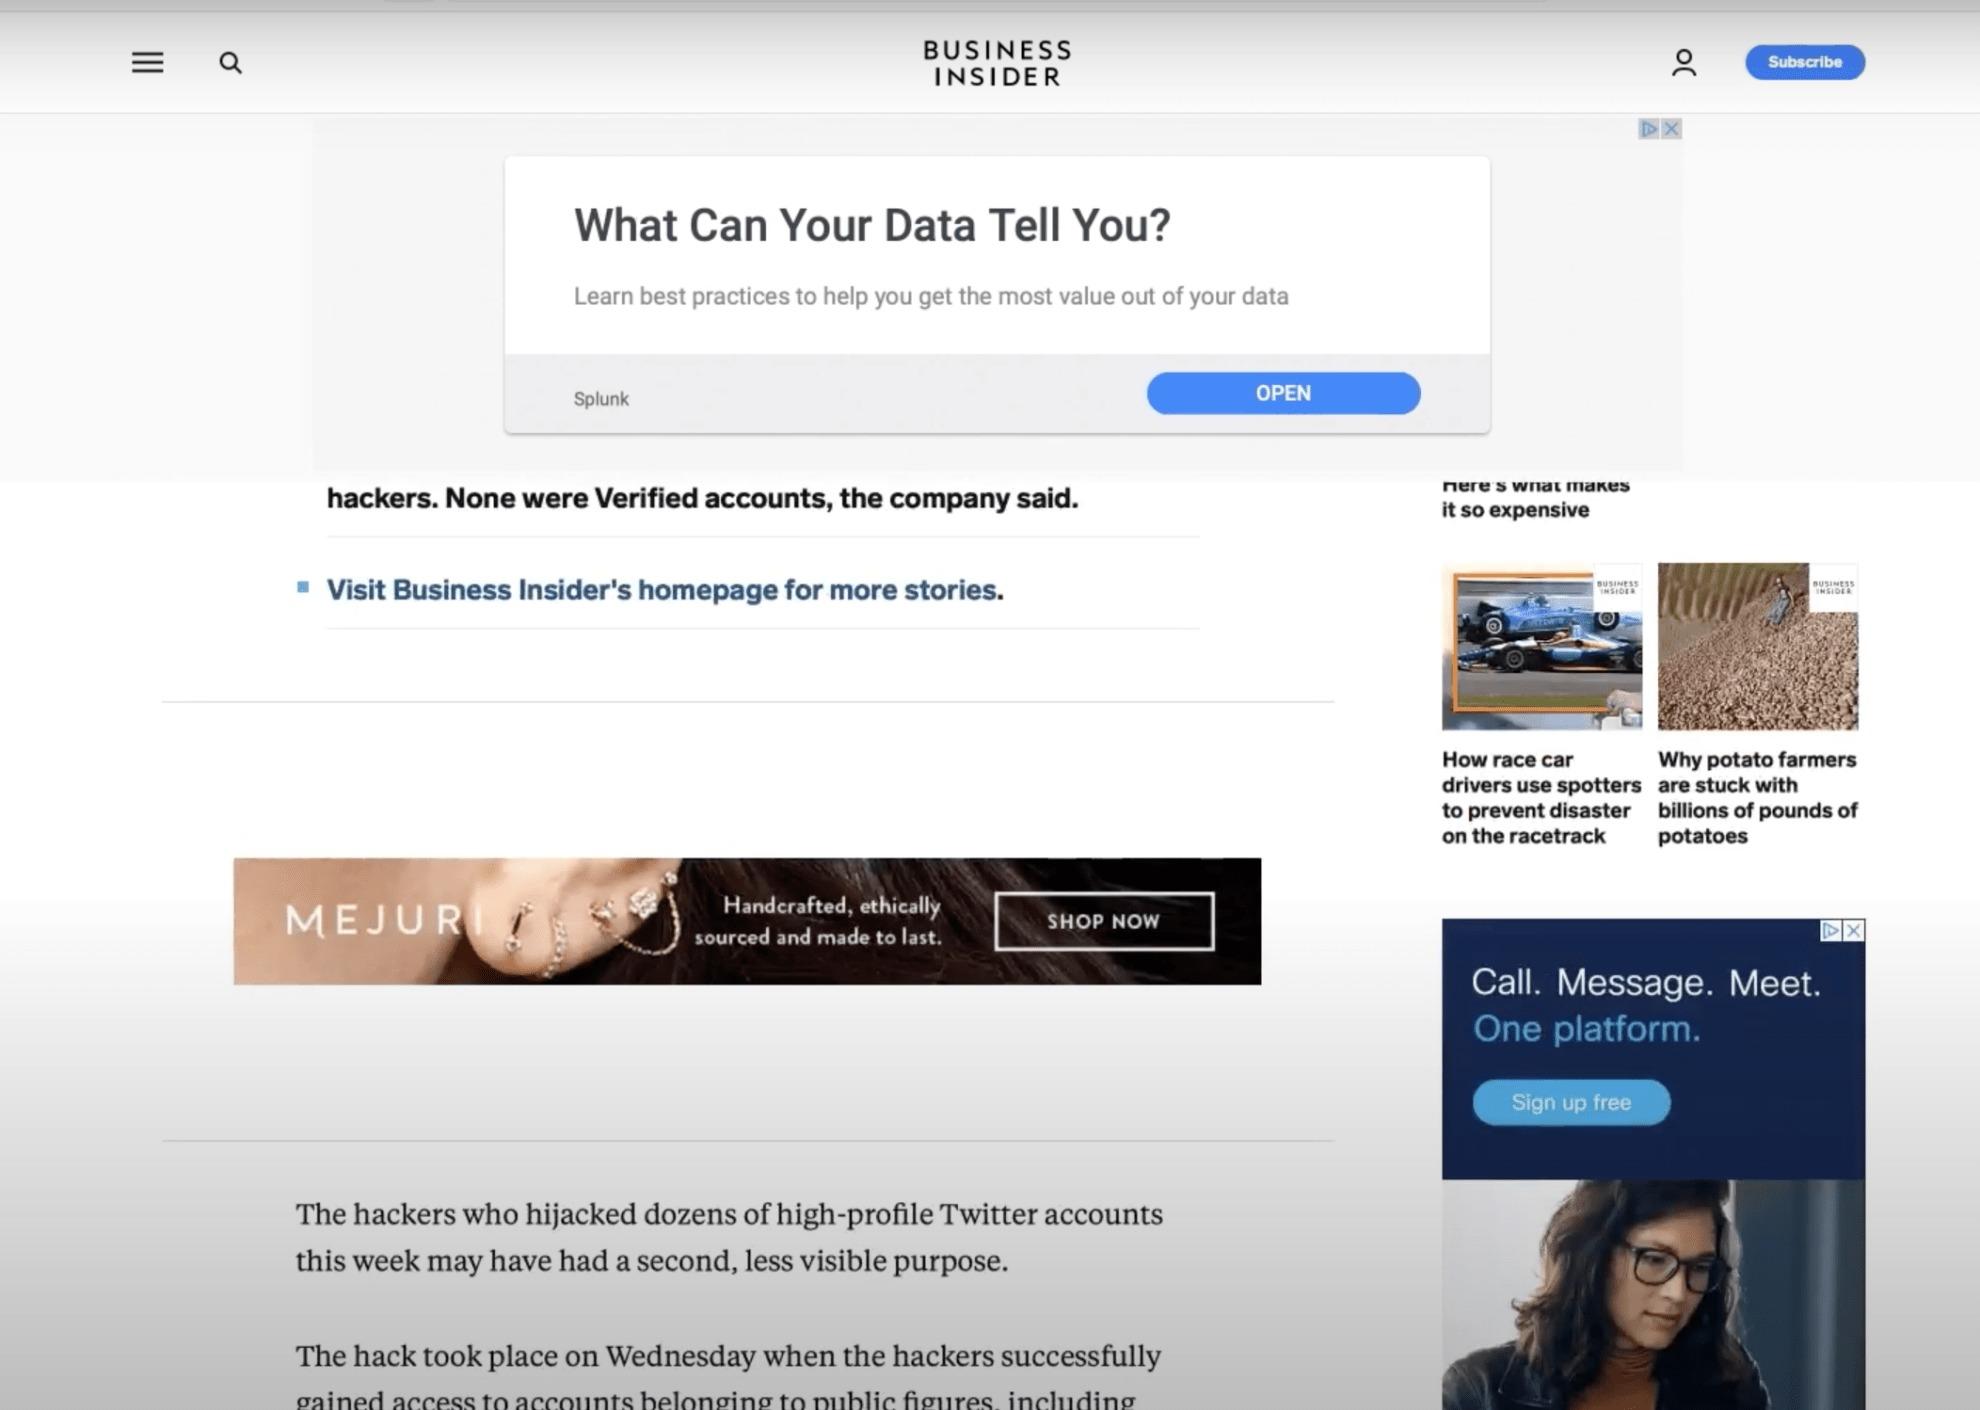 Contextual URL Targeting